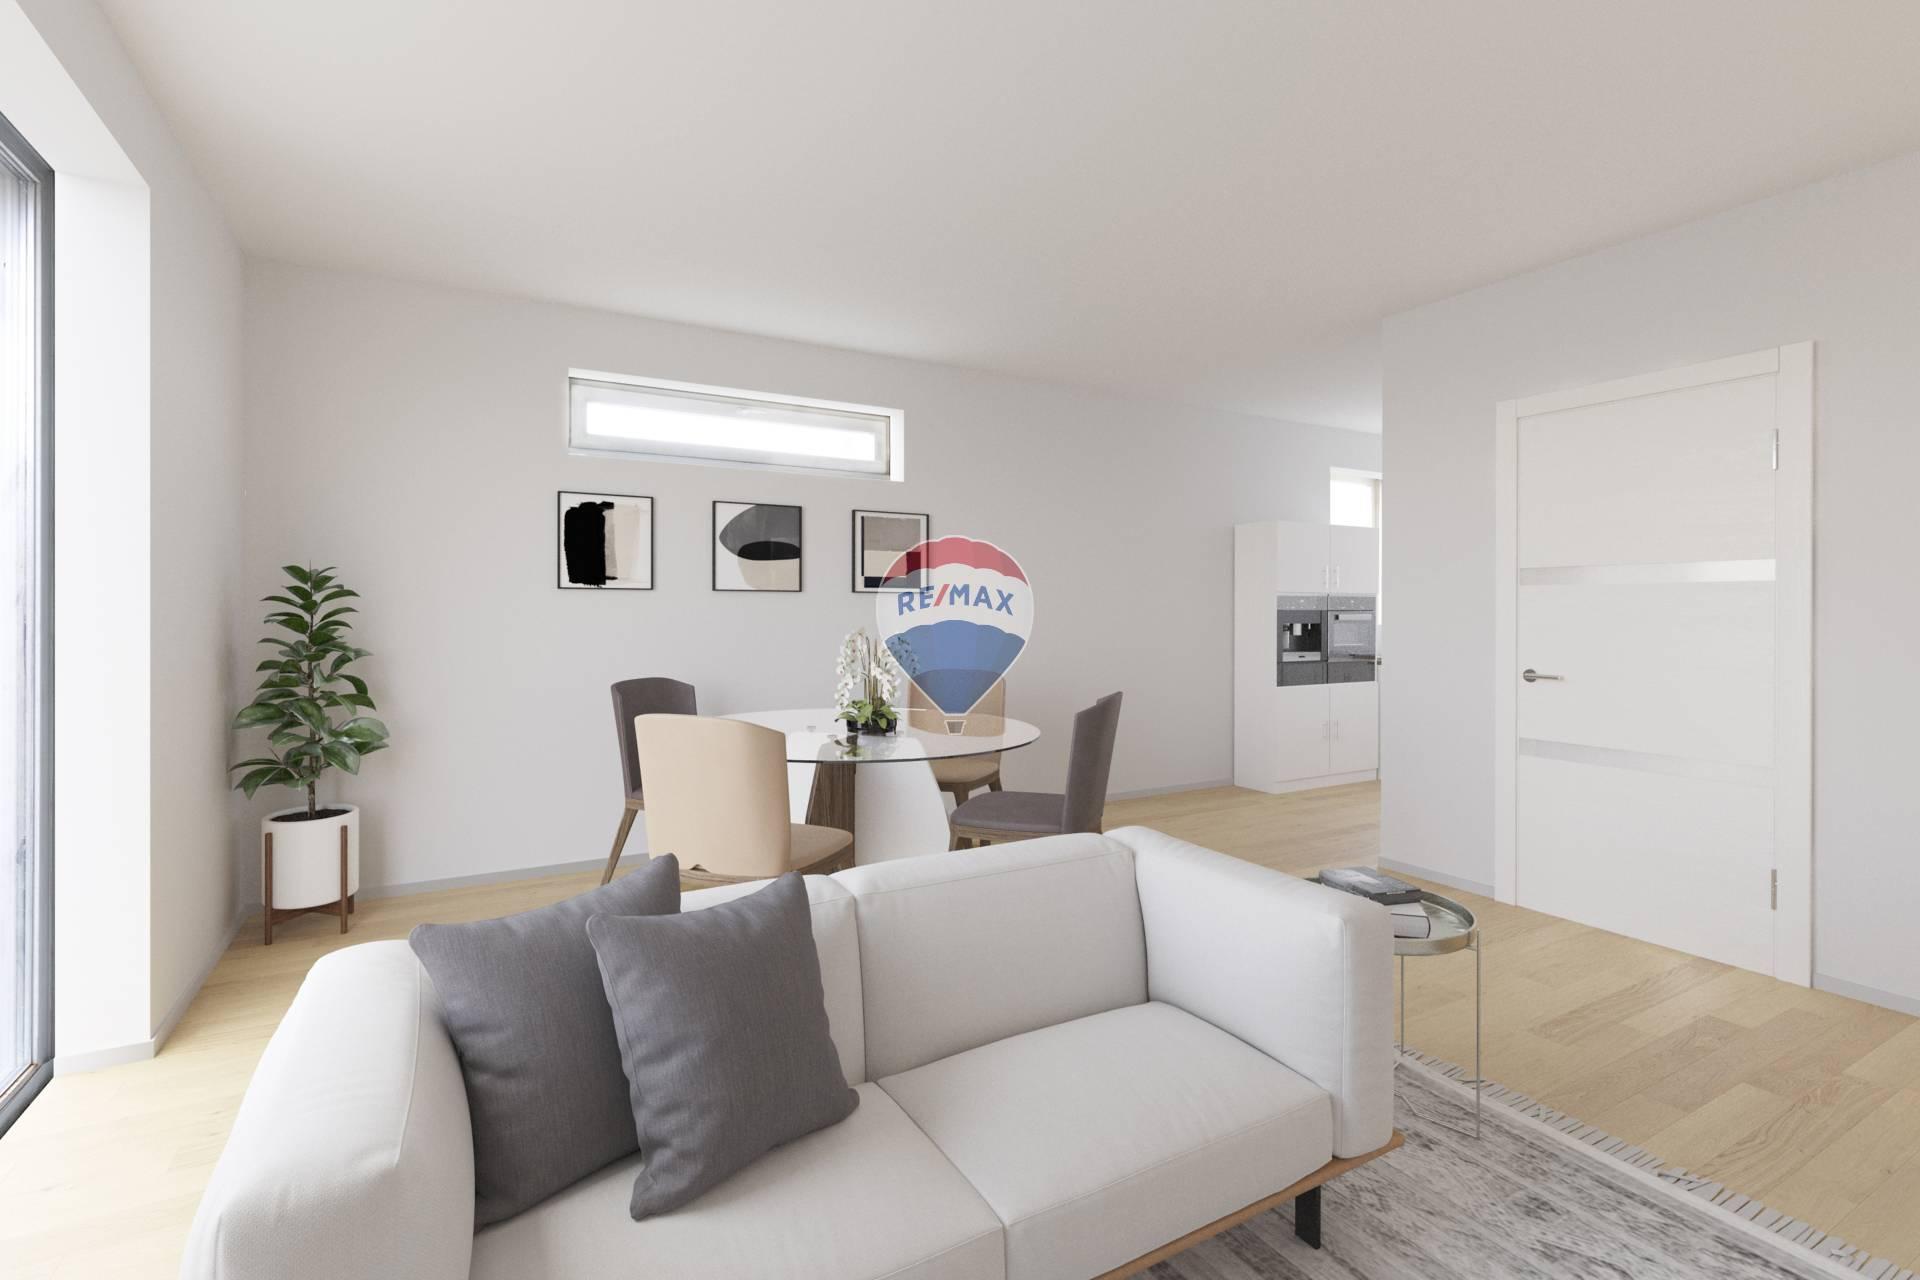 VIRTUÁLNA OBHLIADKA: PREDAJ 4 izb. rodinného domu v štandarde, Hurbanova Ves, novostavba, všetky IS